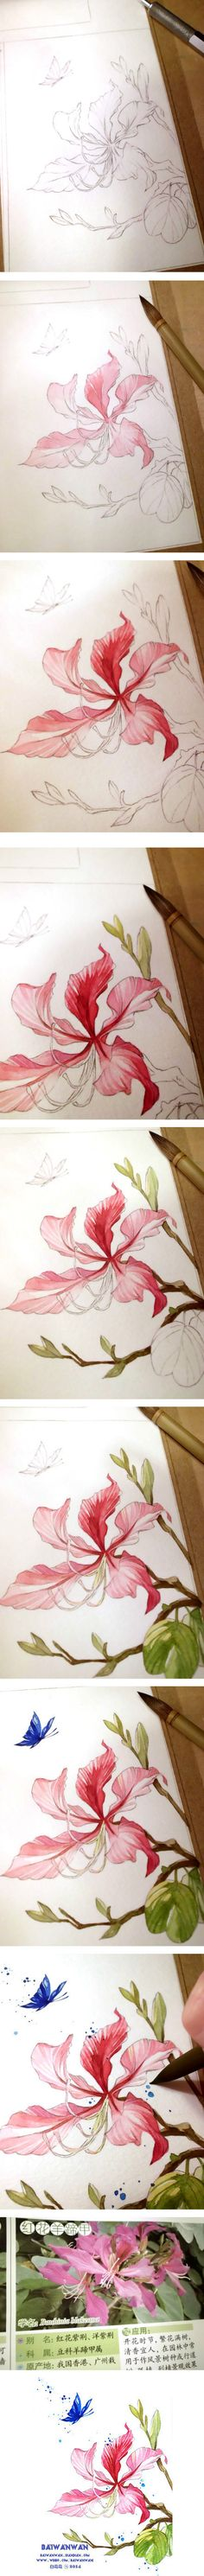 -插画家园-插画家园原创水彩插画-插画家...@yoyo901021采集到watercolor plant(186图)_花瓣插画/漫画